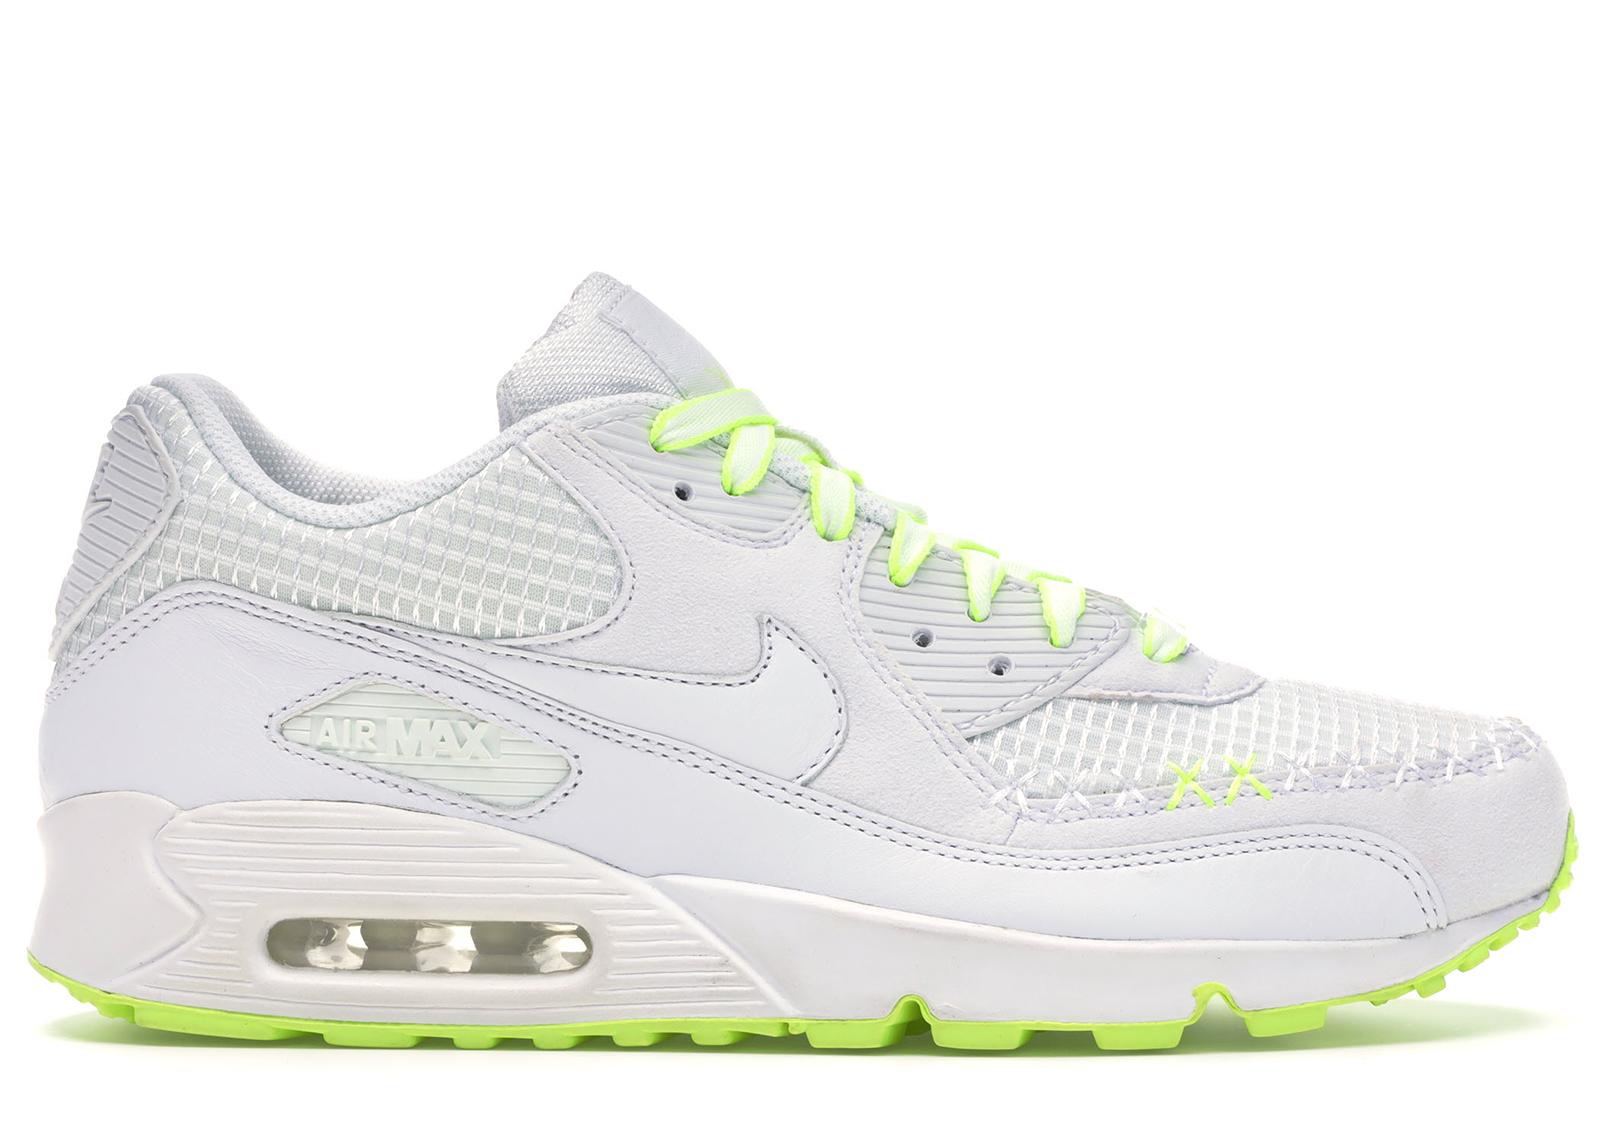 Nike Air Max 90 Kaws White Volt